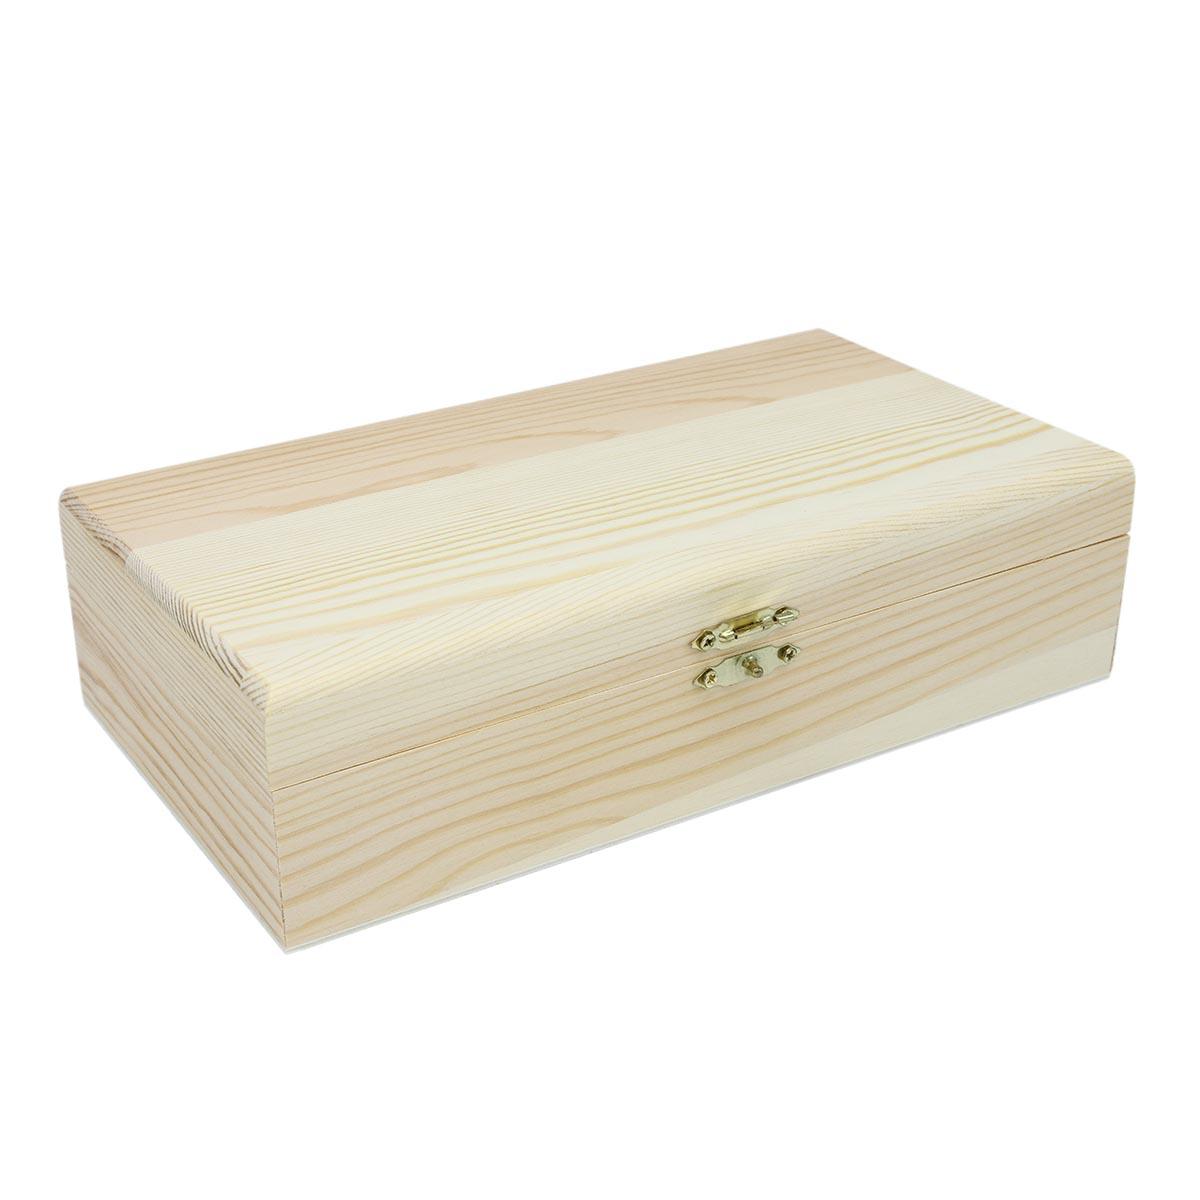 61682502 Деревянная шкатулка, 22,5*12,5*6 см, Glorex